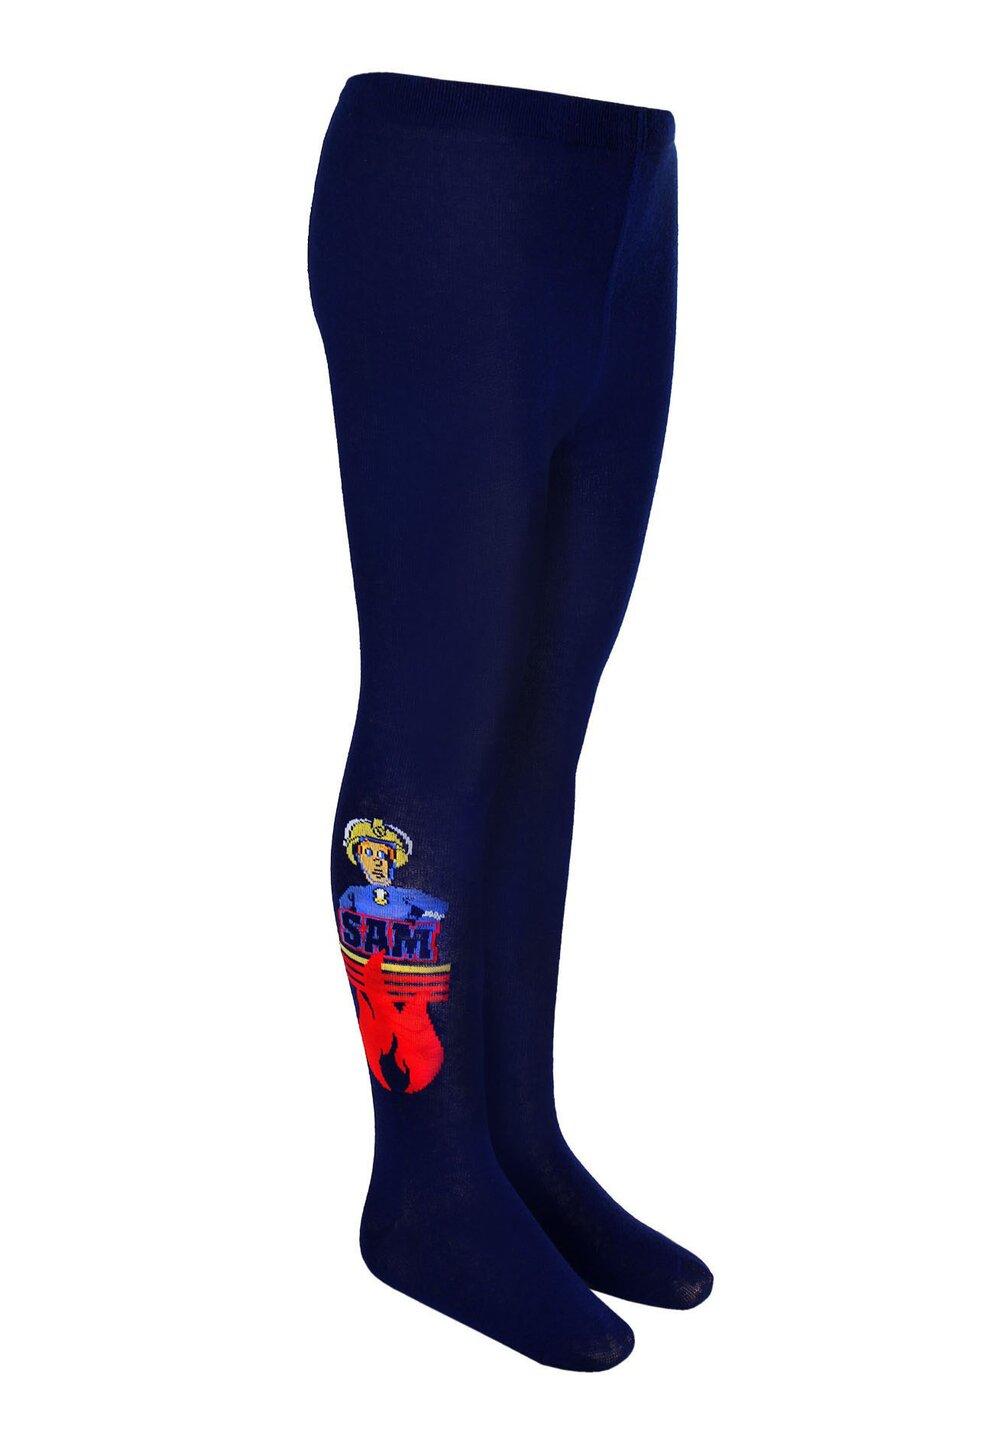 Ciorapi cu chilot, 70% bumbac, Pompierul Sam, bluemarin